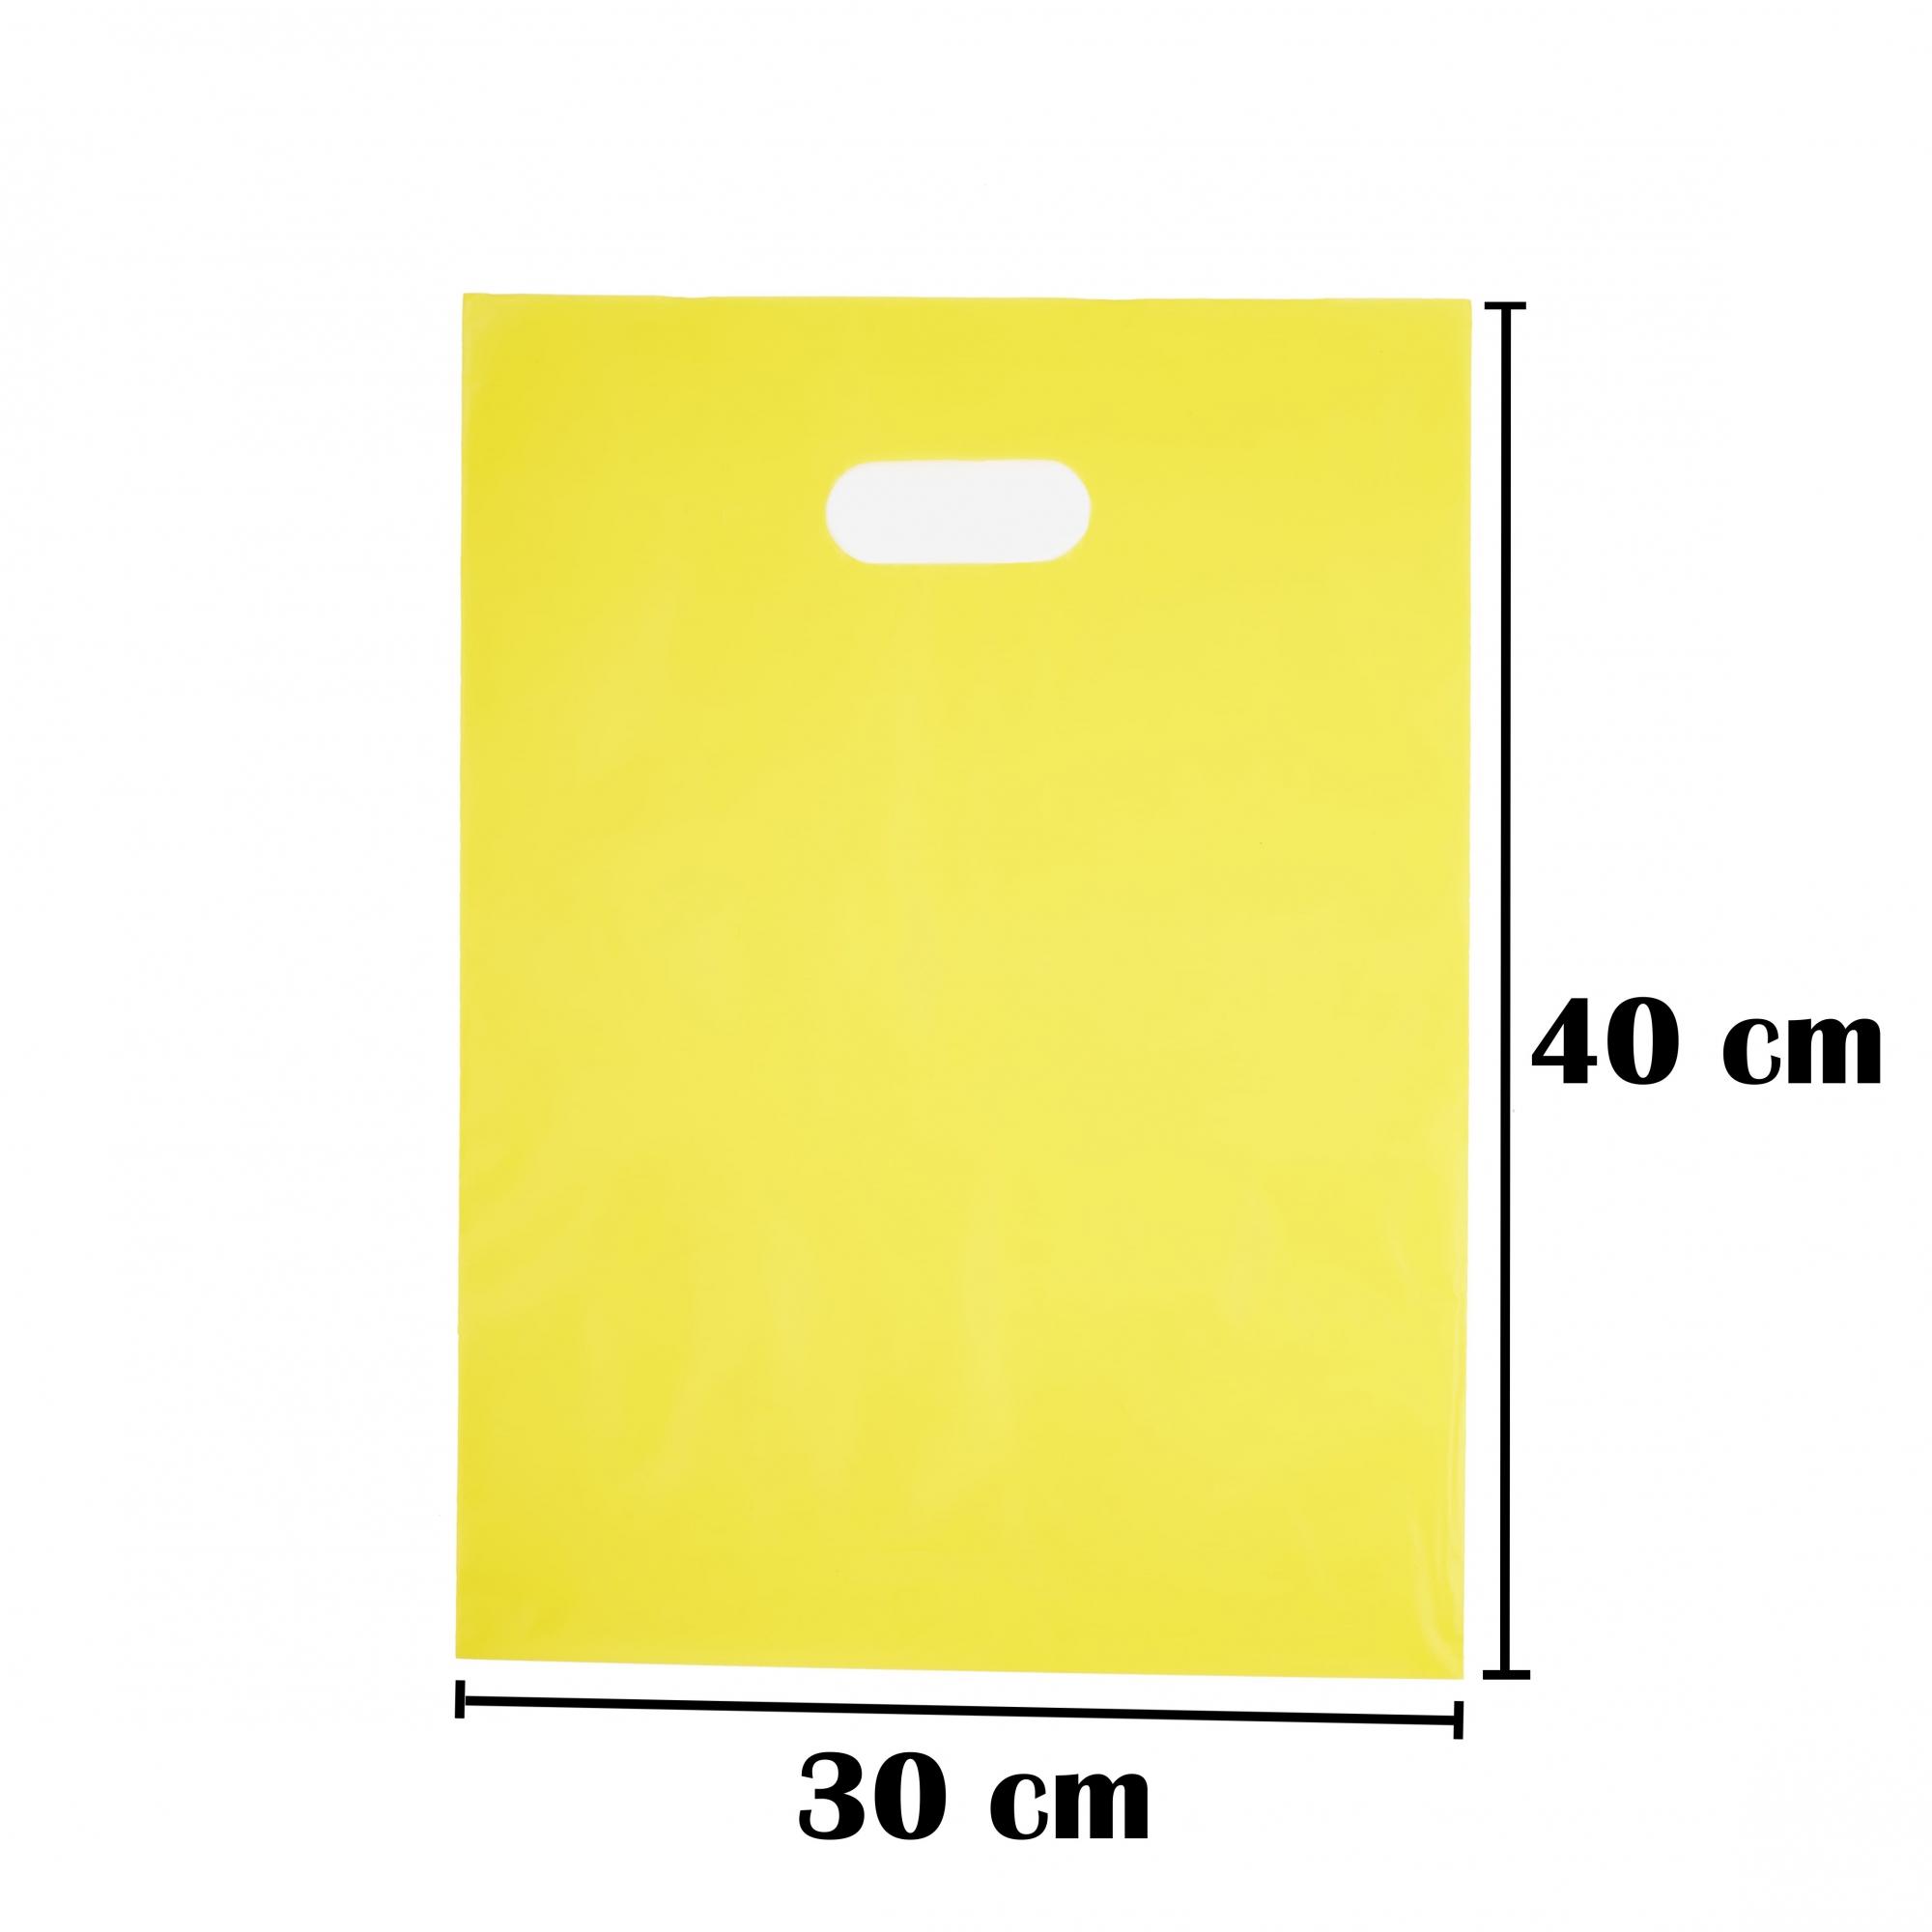 Sacola Plástica 30x40 Amarela Alça Boca de Palhaço 500 Unidades